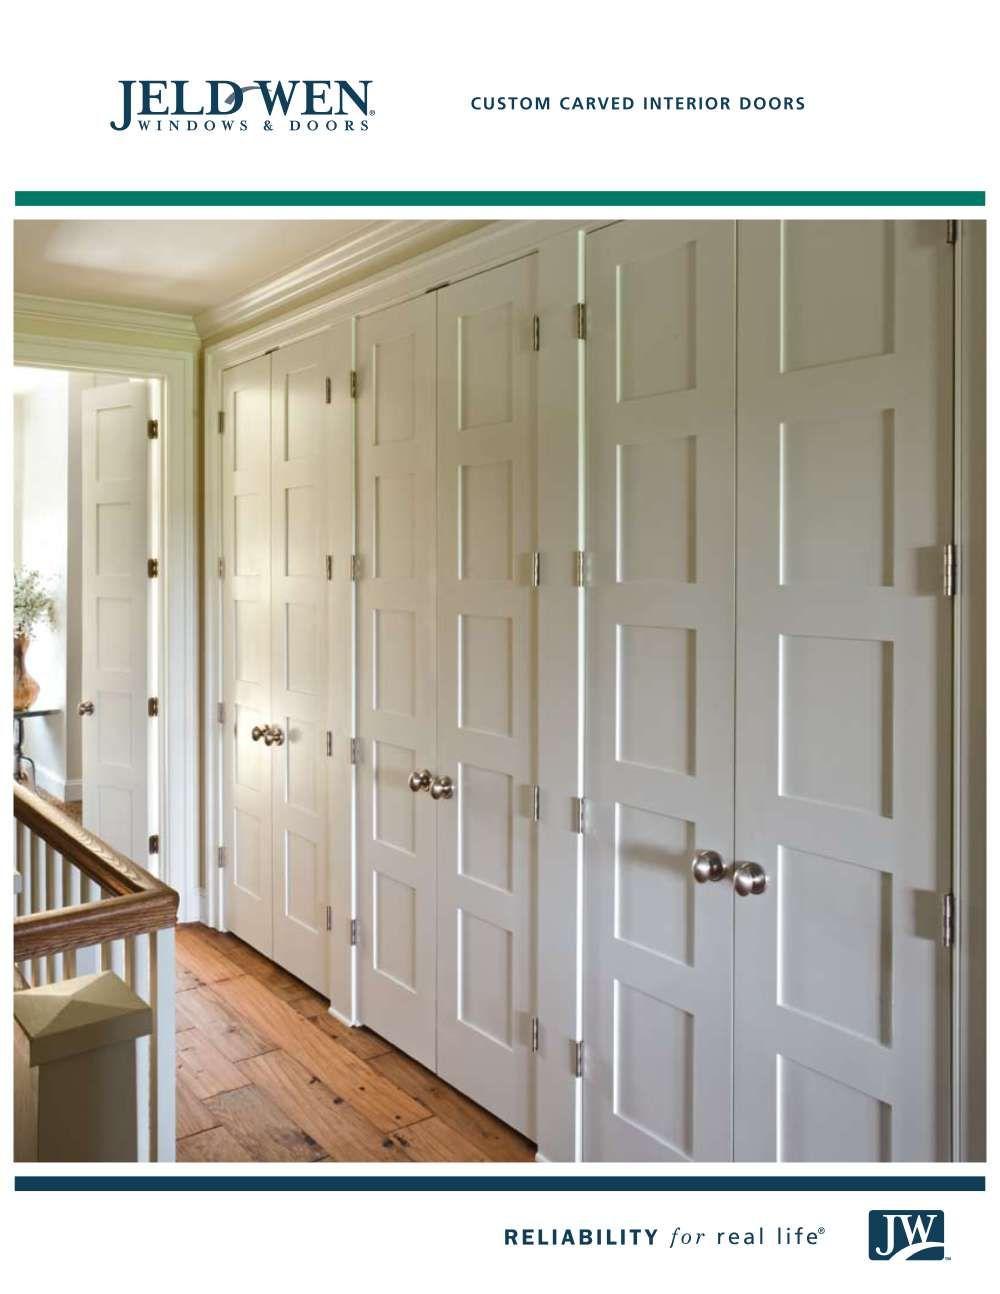 Jeld Wen Windows And Doors Jeld Wen Custom Carved Interior Door Brochure 2009 0 With Images Doors Interior Interior Doors For Sale Jeld Wen Interior Doors